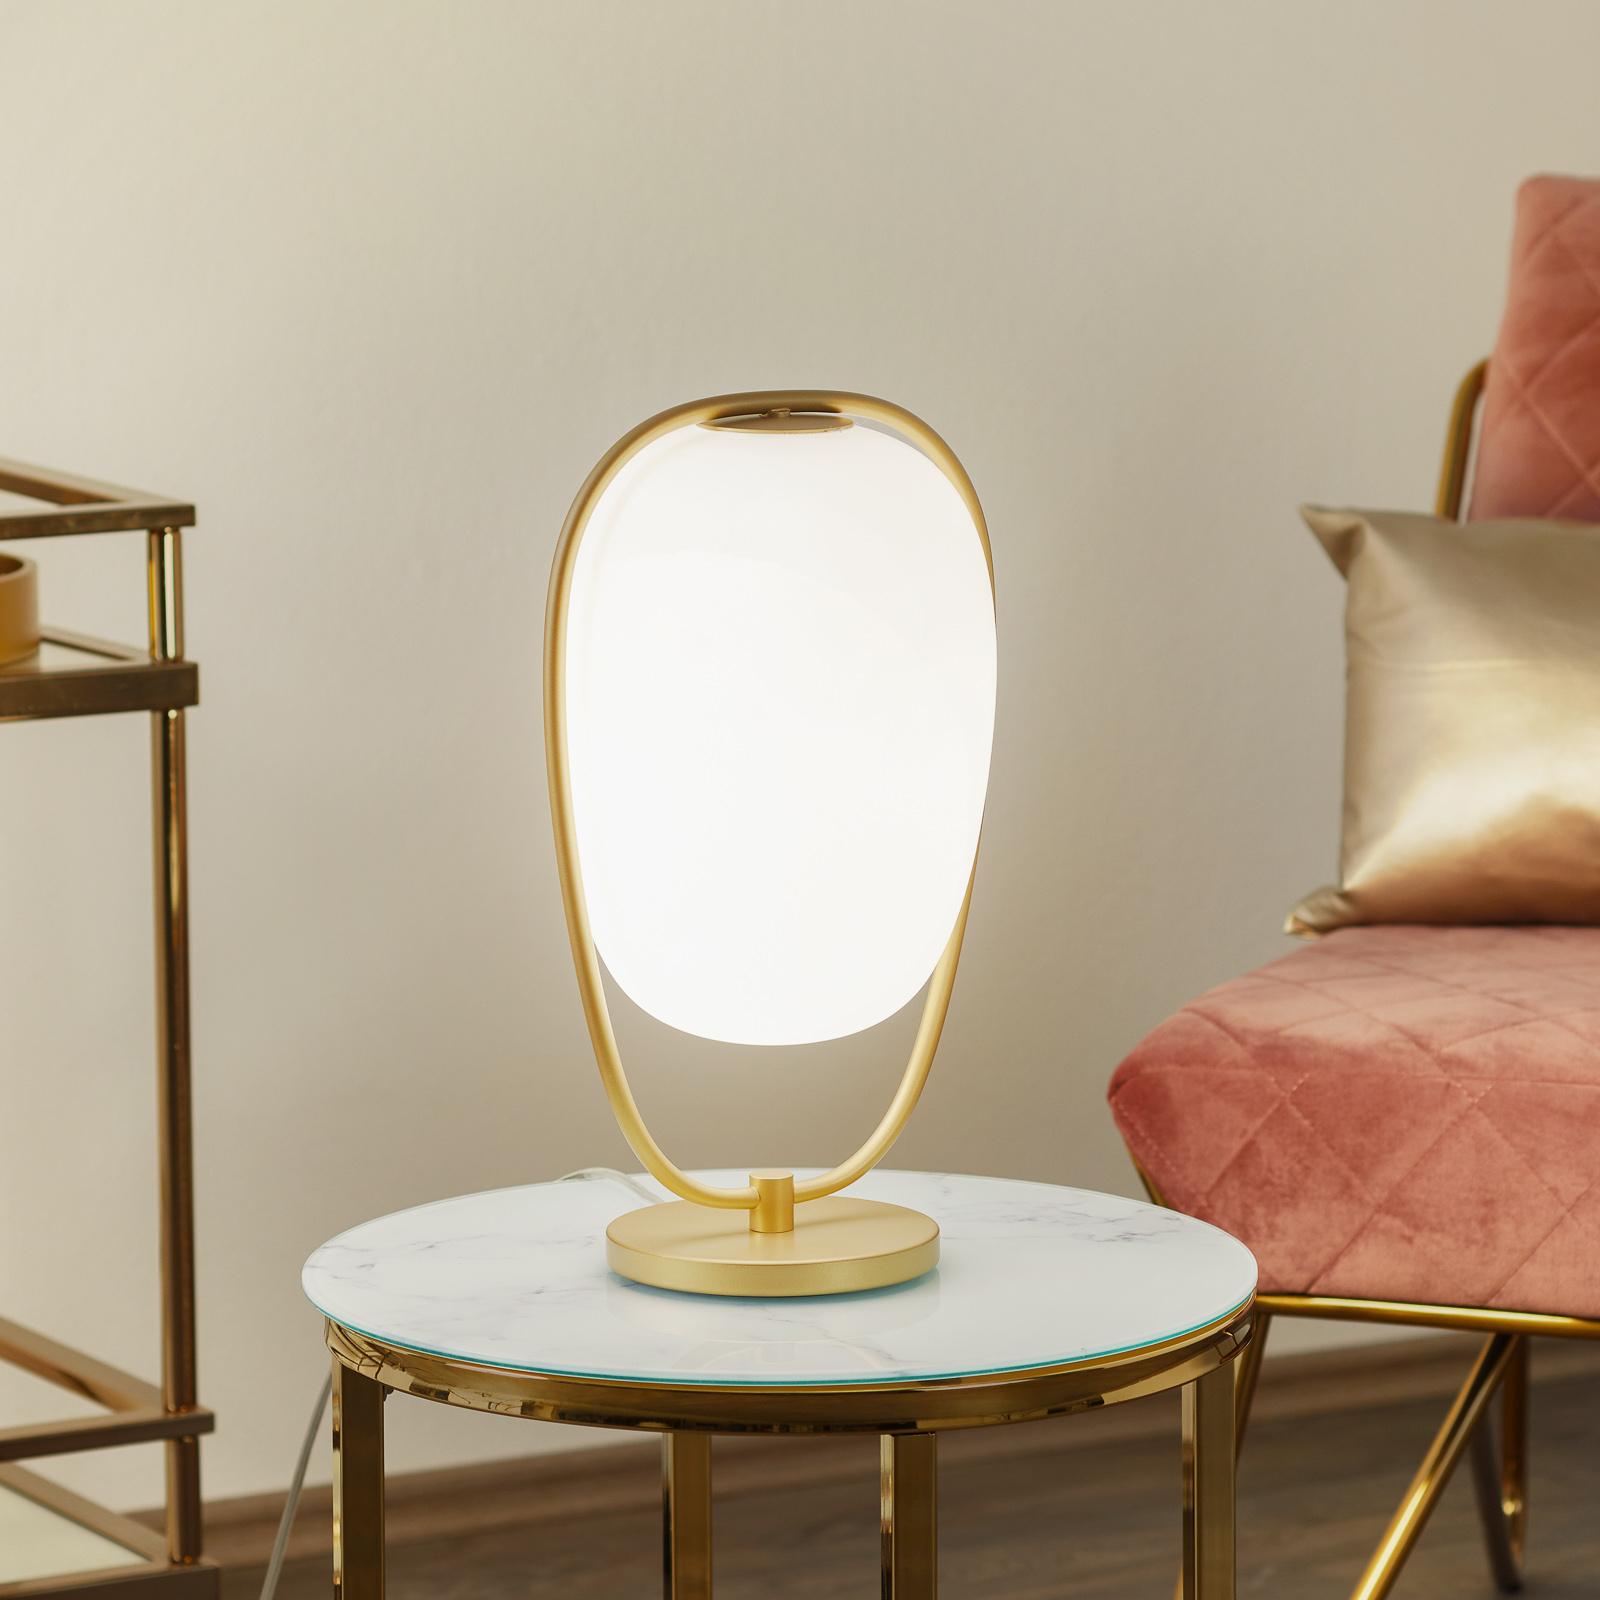 Lampa stołowa Lanna z kloszem z dmuchanego szkła